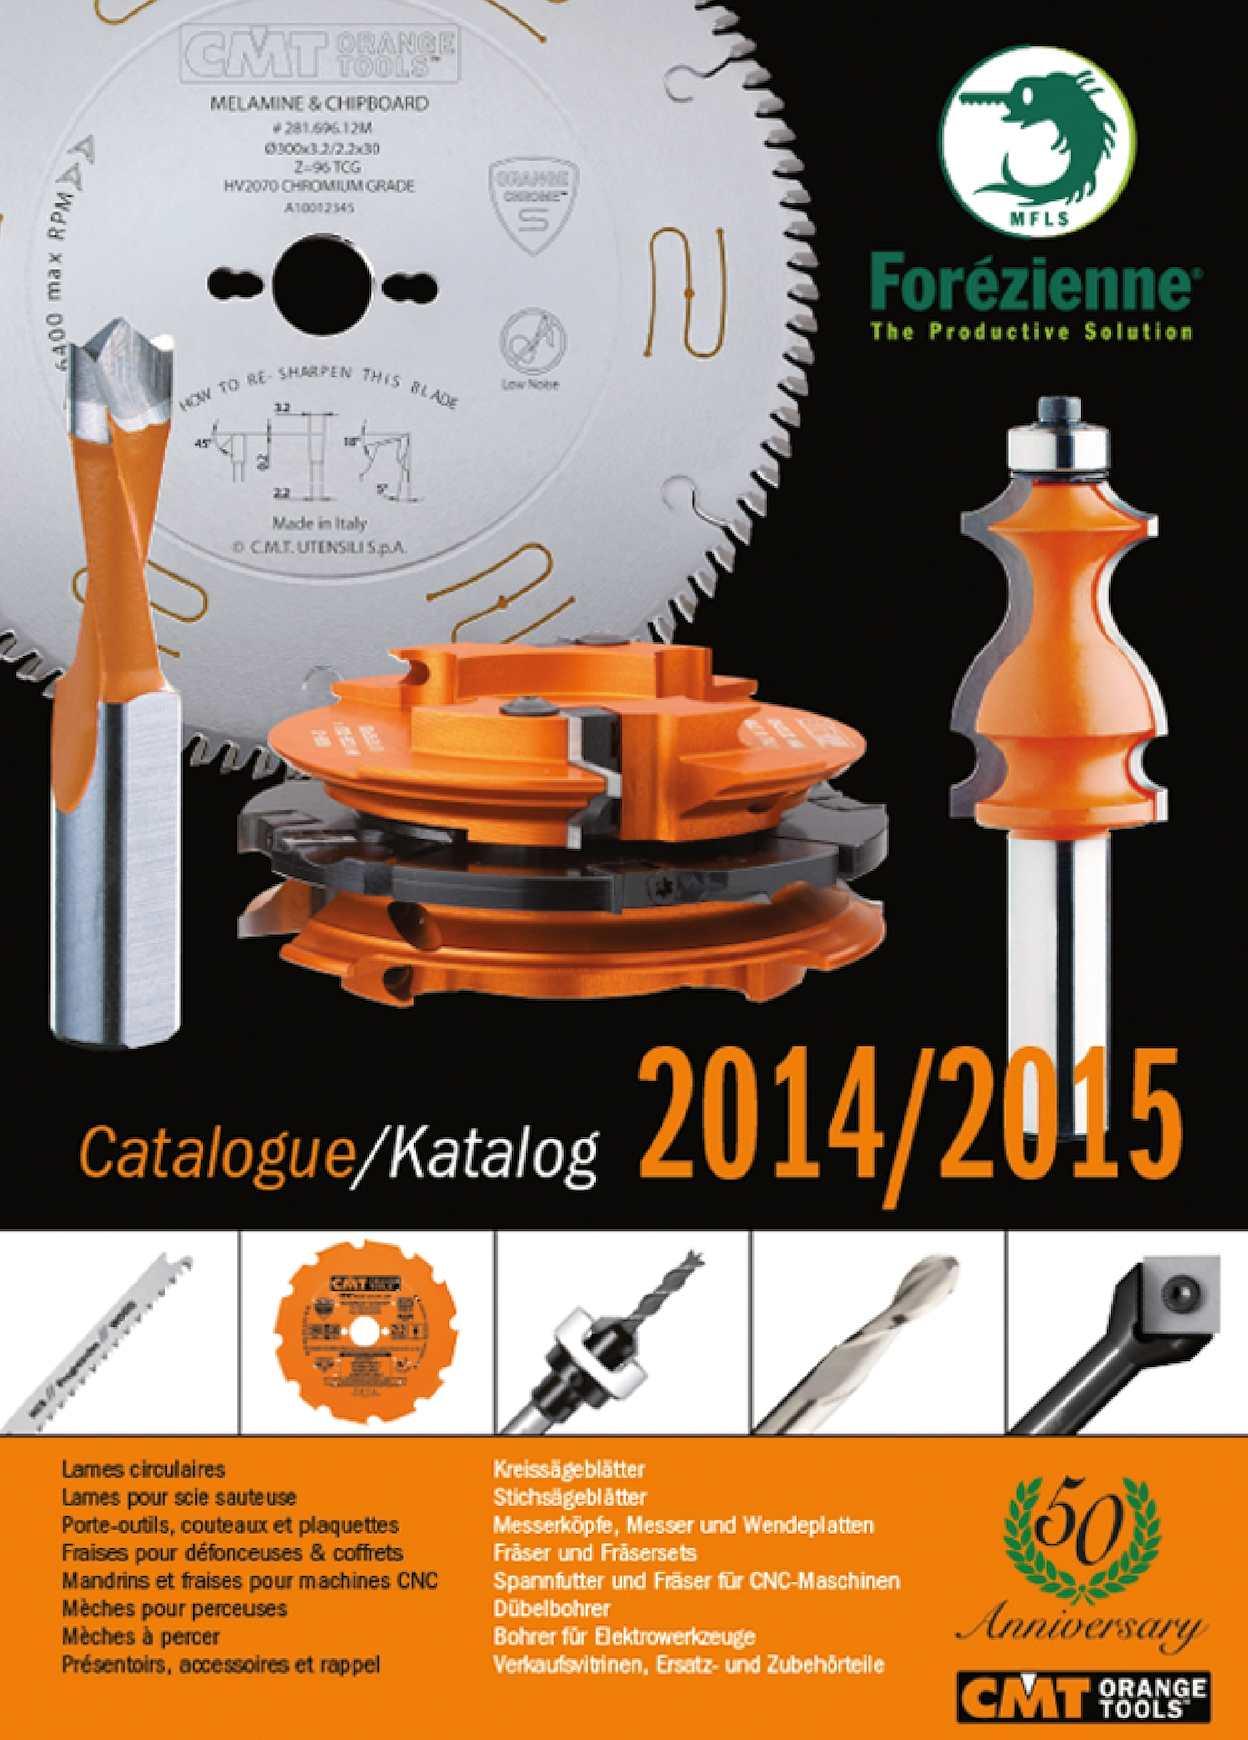 18.5mm 1//2 14-25 mm HSS Morceaux de m/étal pour perceuses couple h/élico/ïdale vers foret outils de bricolage argent